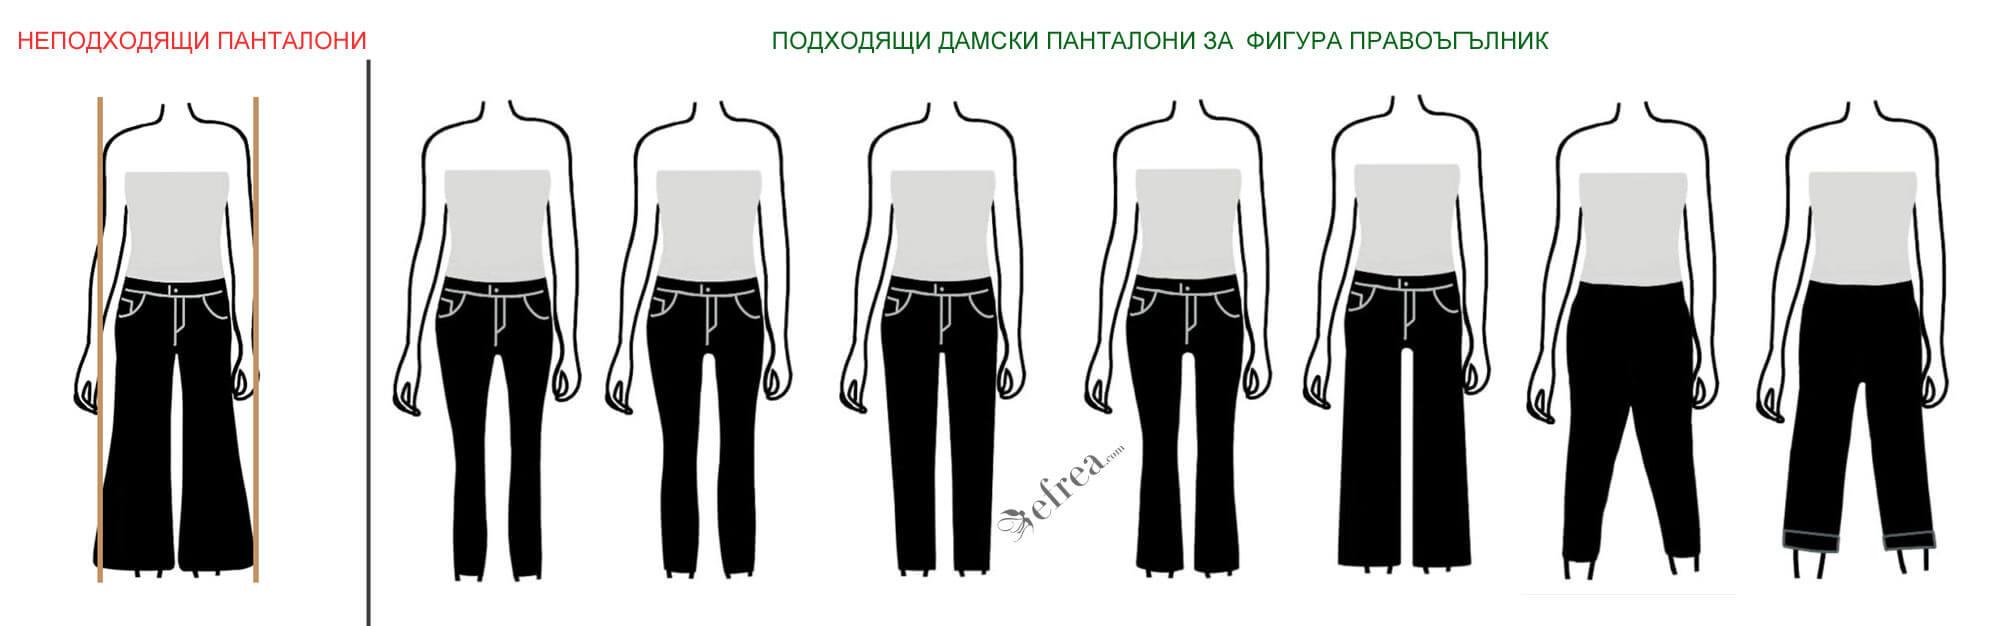 Различни видове дамски панталони за фигура правоъгълник